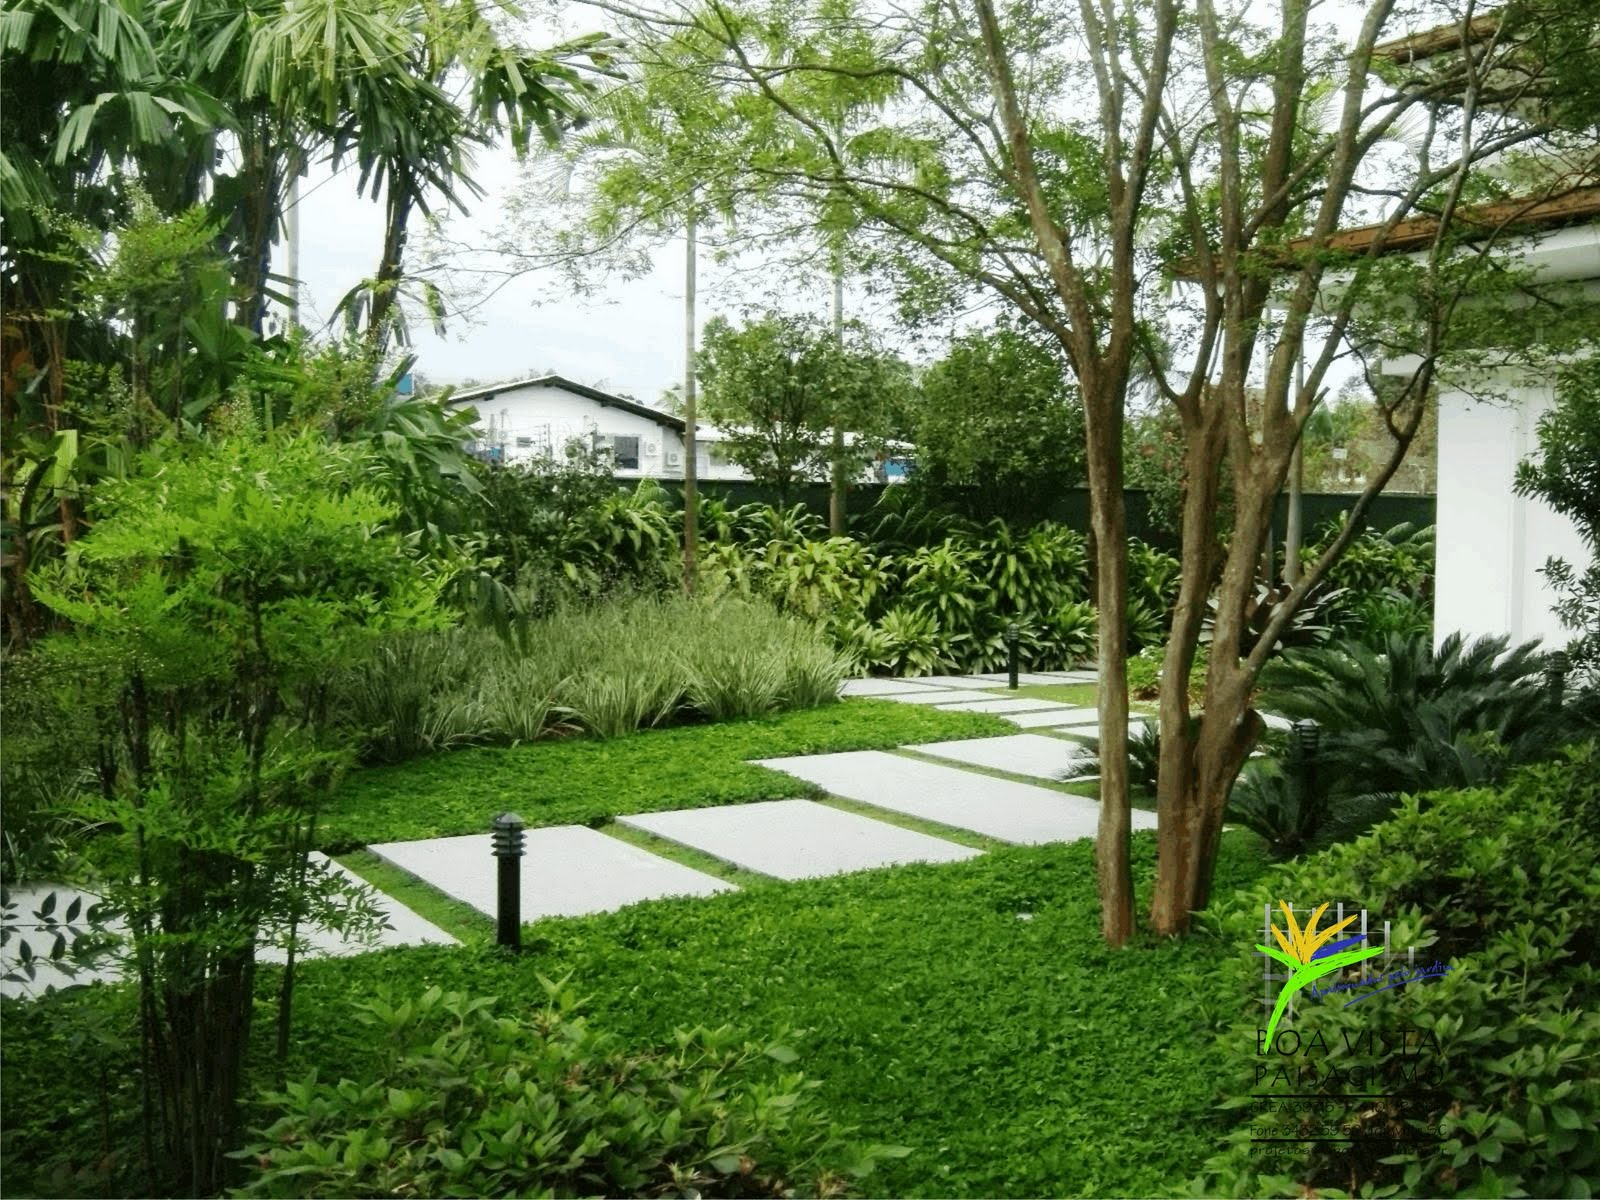 imagens paisagismo jardins : imagens paisagismo jardins:Postado há 19th October 2011 por A Boa Vista Projetos de Paisagismo